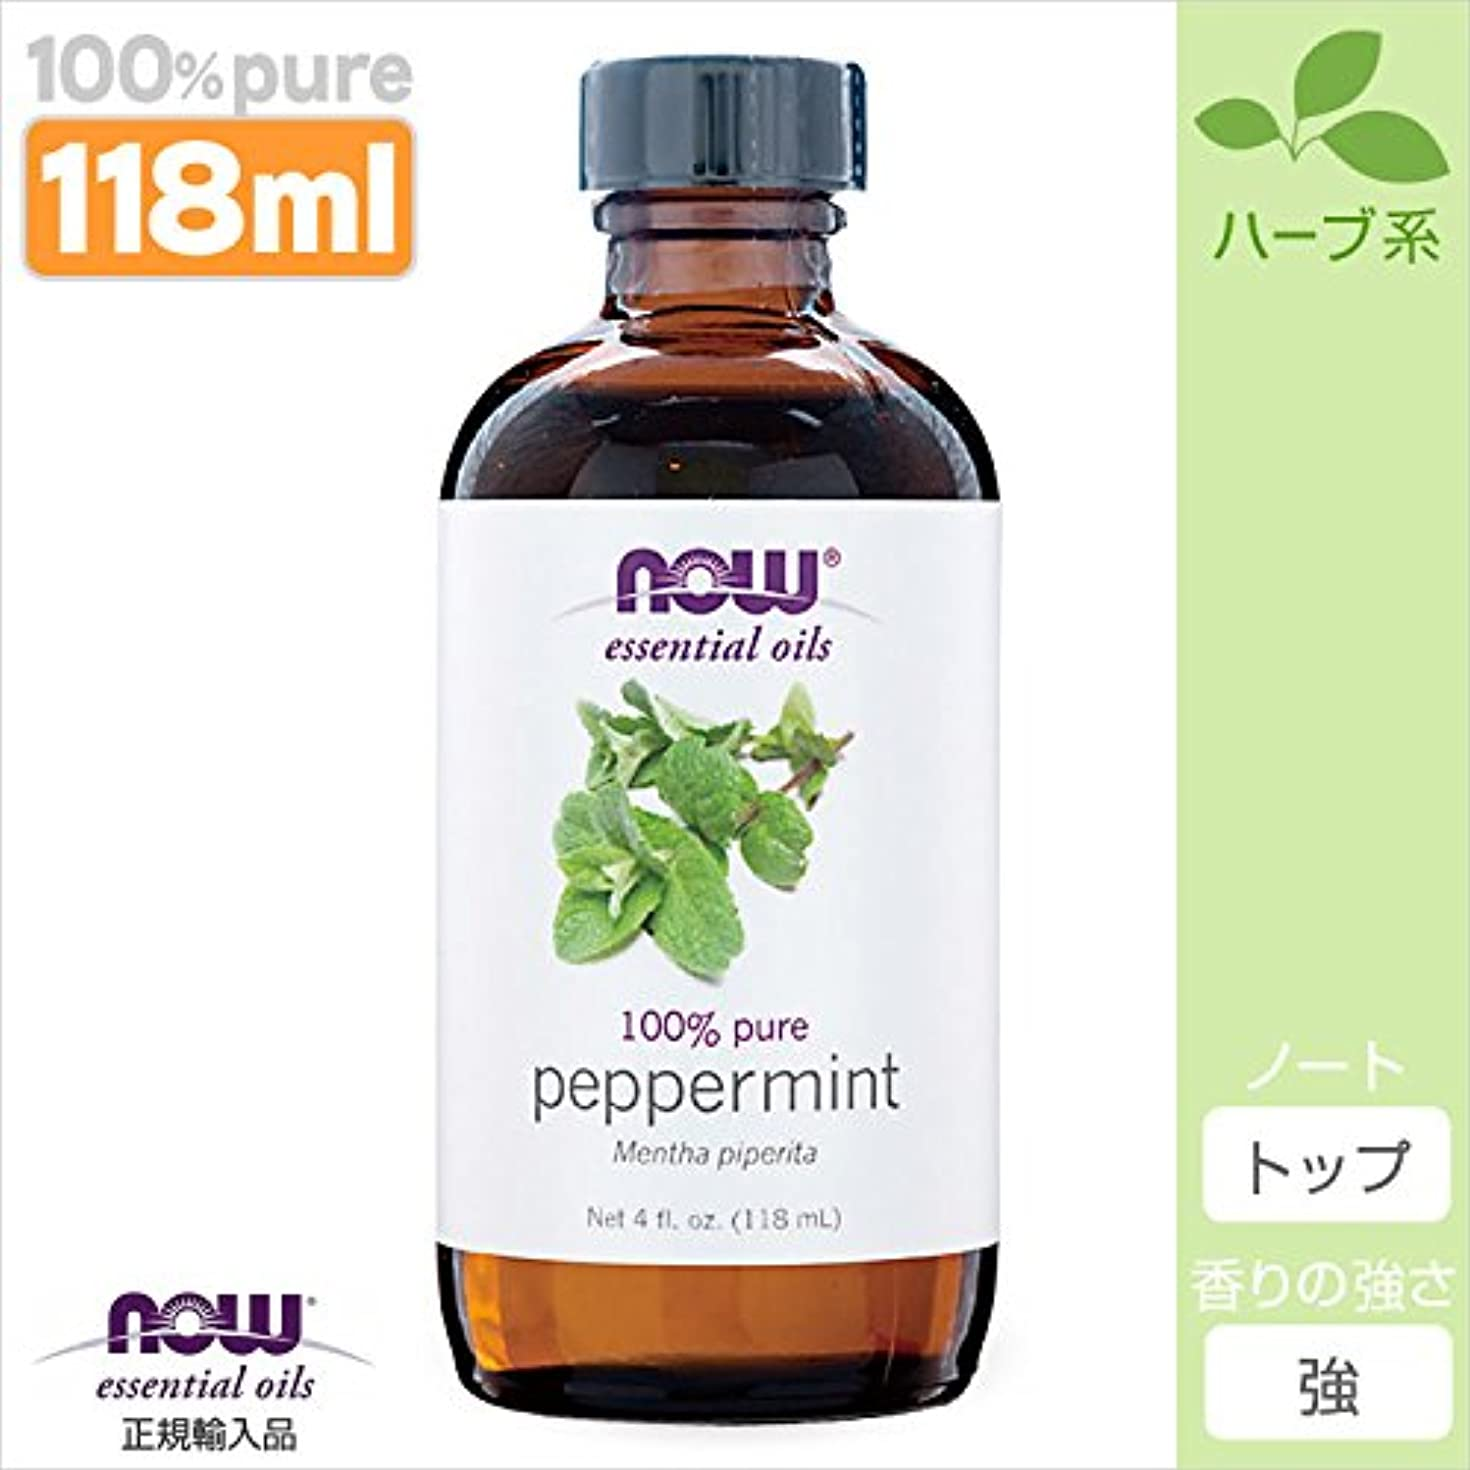 ペパーミント 精油[118ml] 【正規輸入品】 NOWエッセンシャルオイル(アロマオイル)